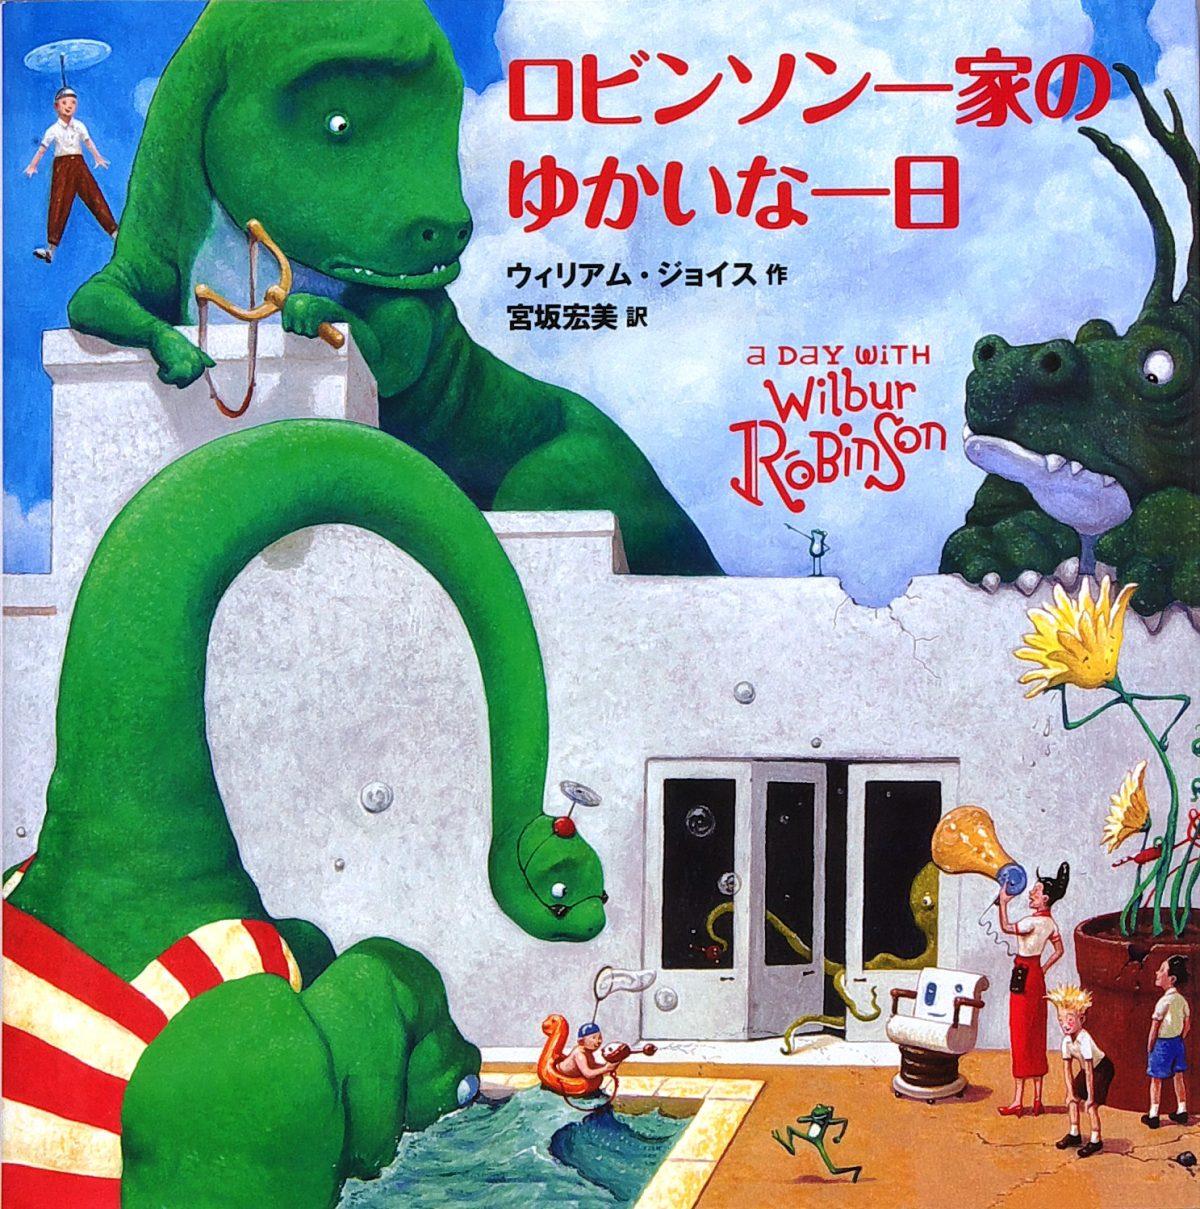 絵本「ロビンソン一家のゆかいな一日」の表紙